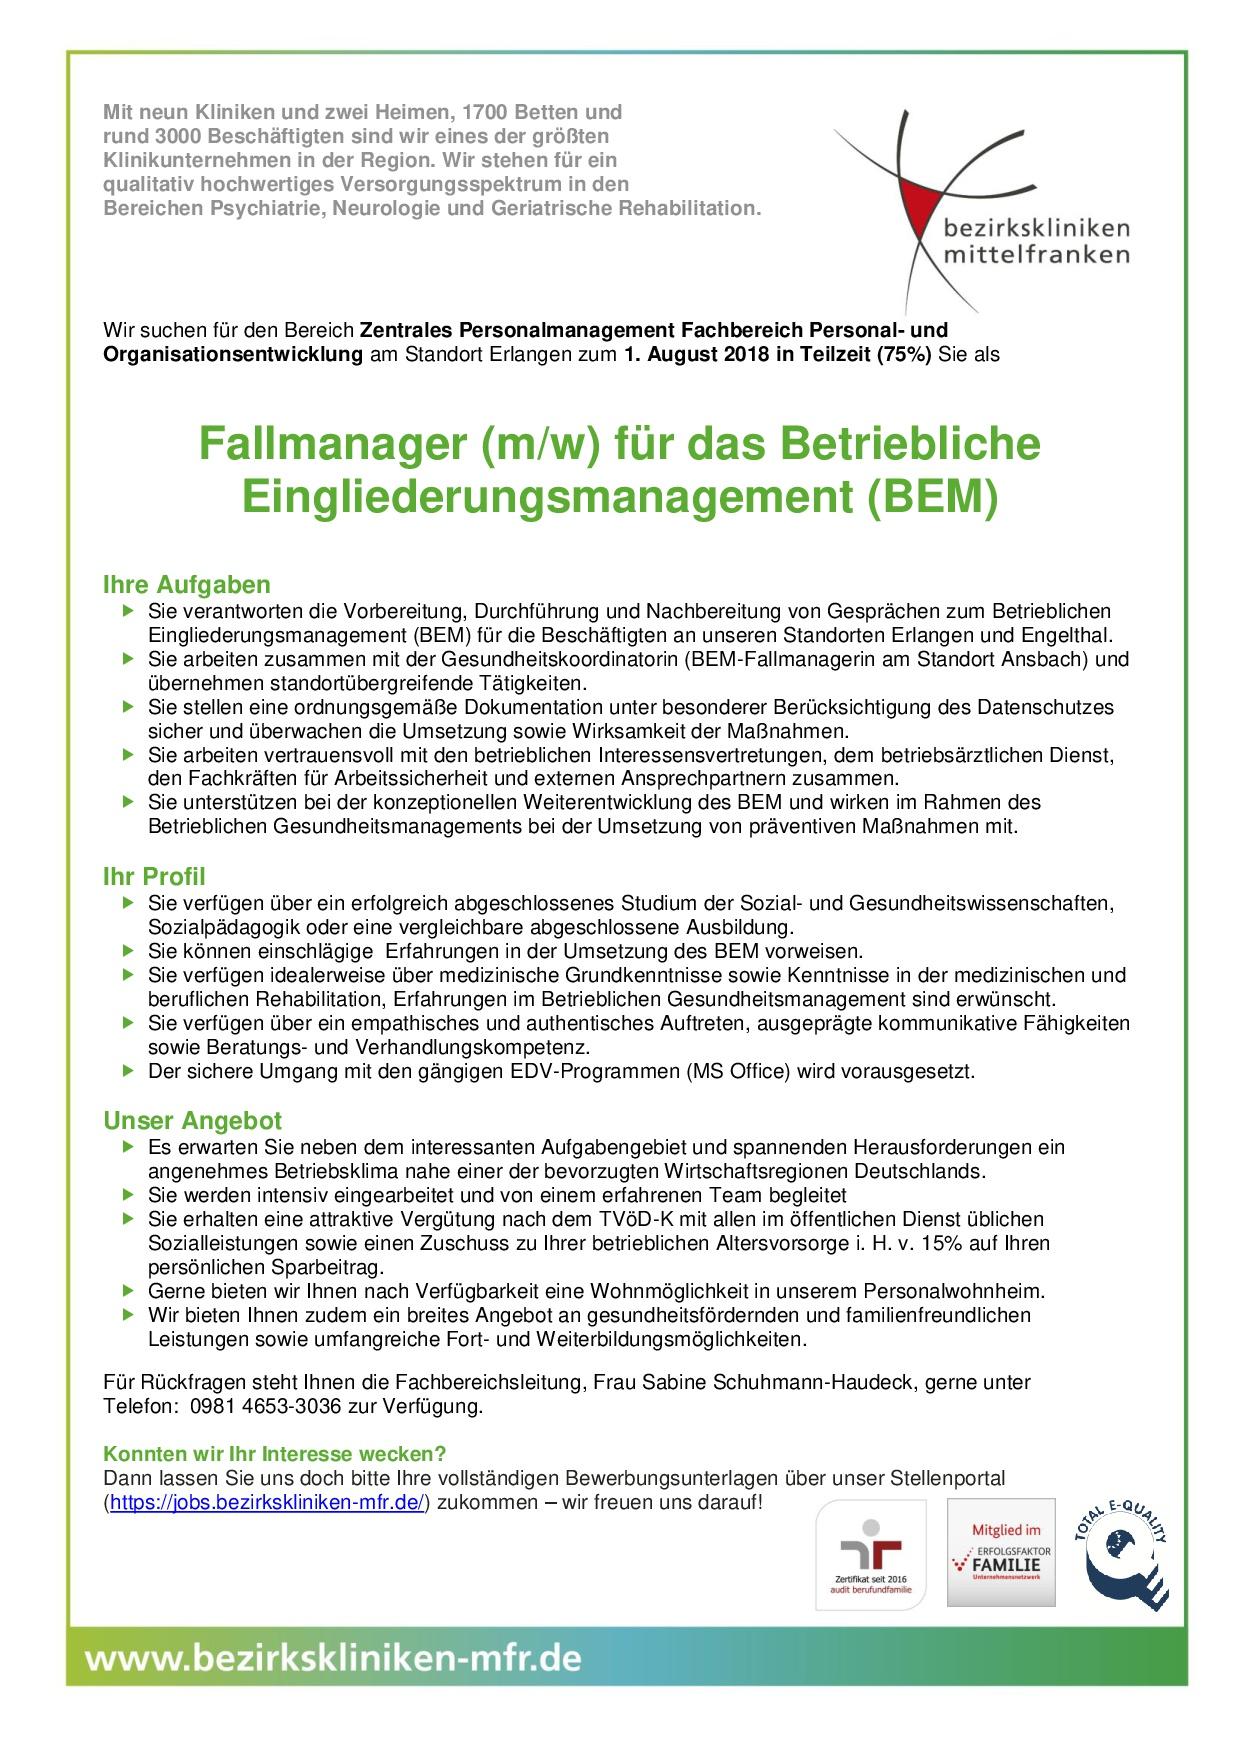 Stellenausschreibung Fallmanager Kliniken Mittelfranken